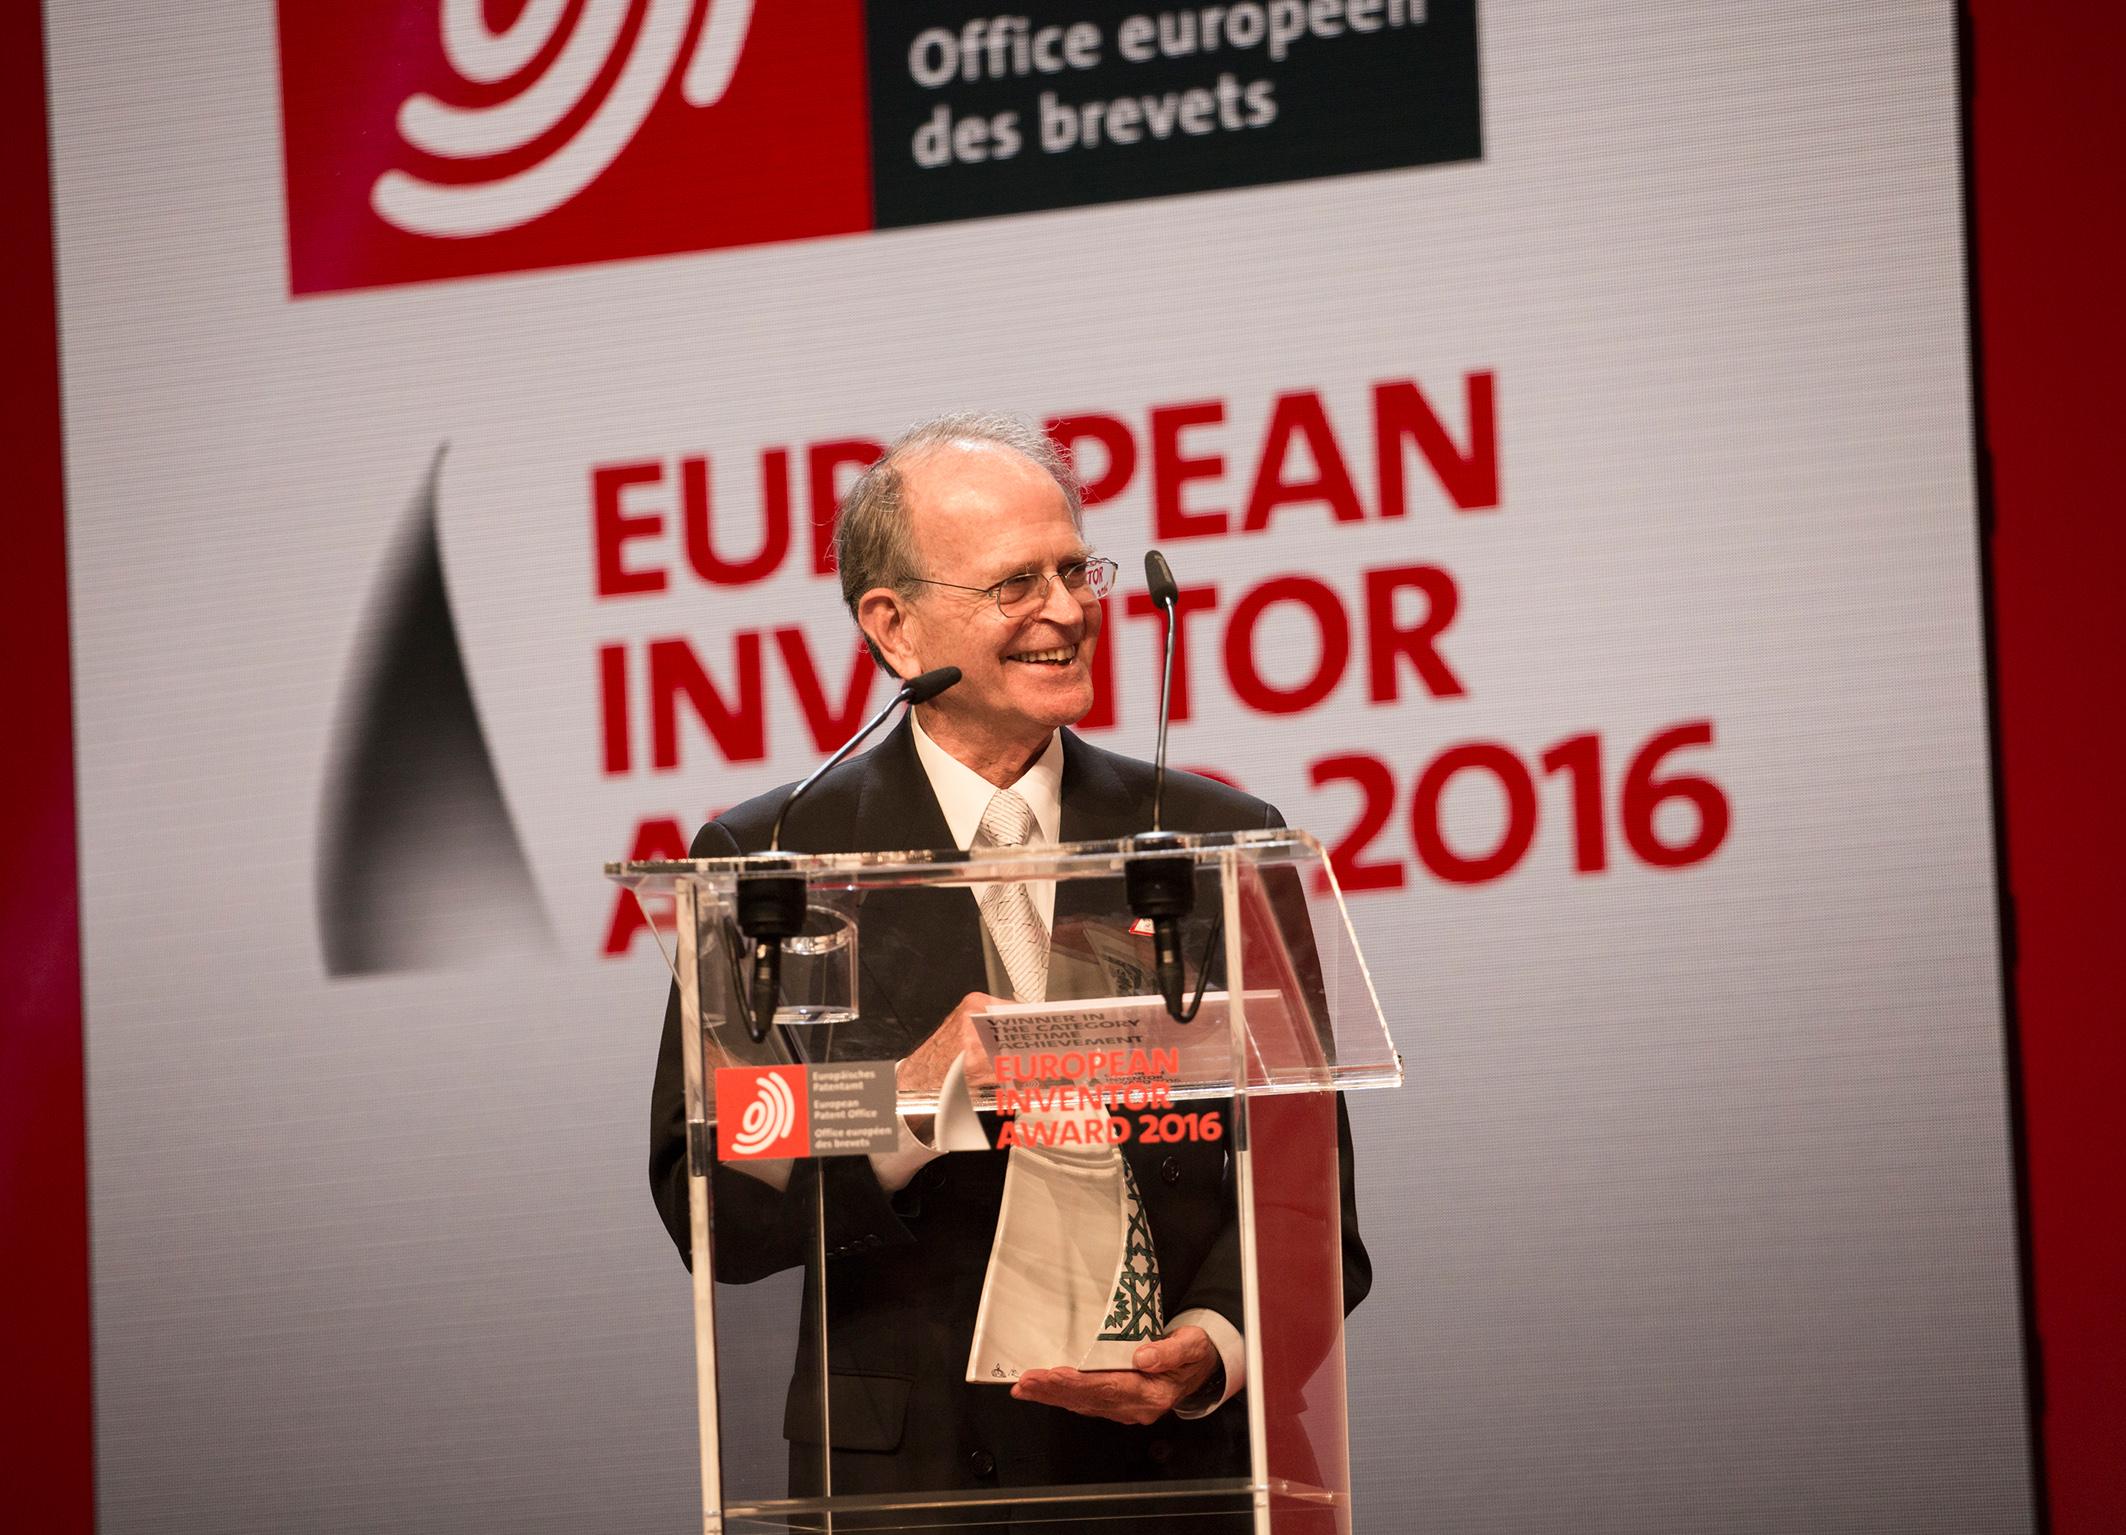 European Inventor Award 2016